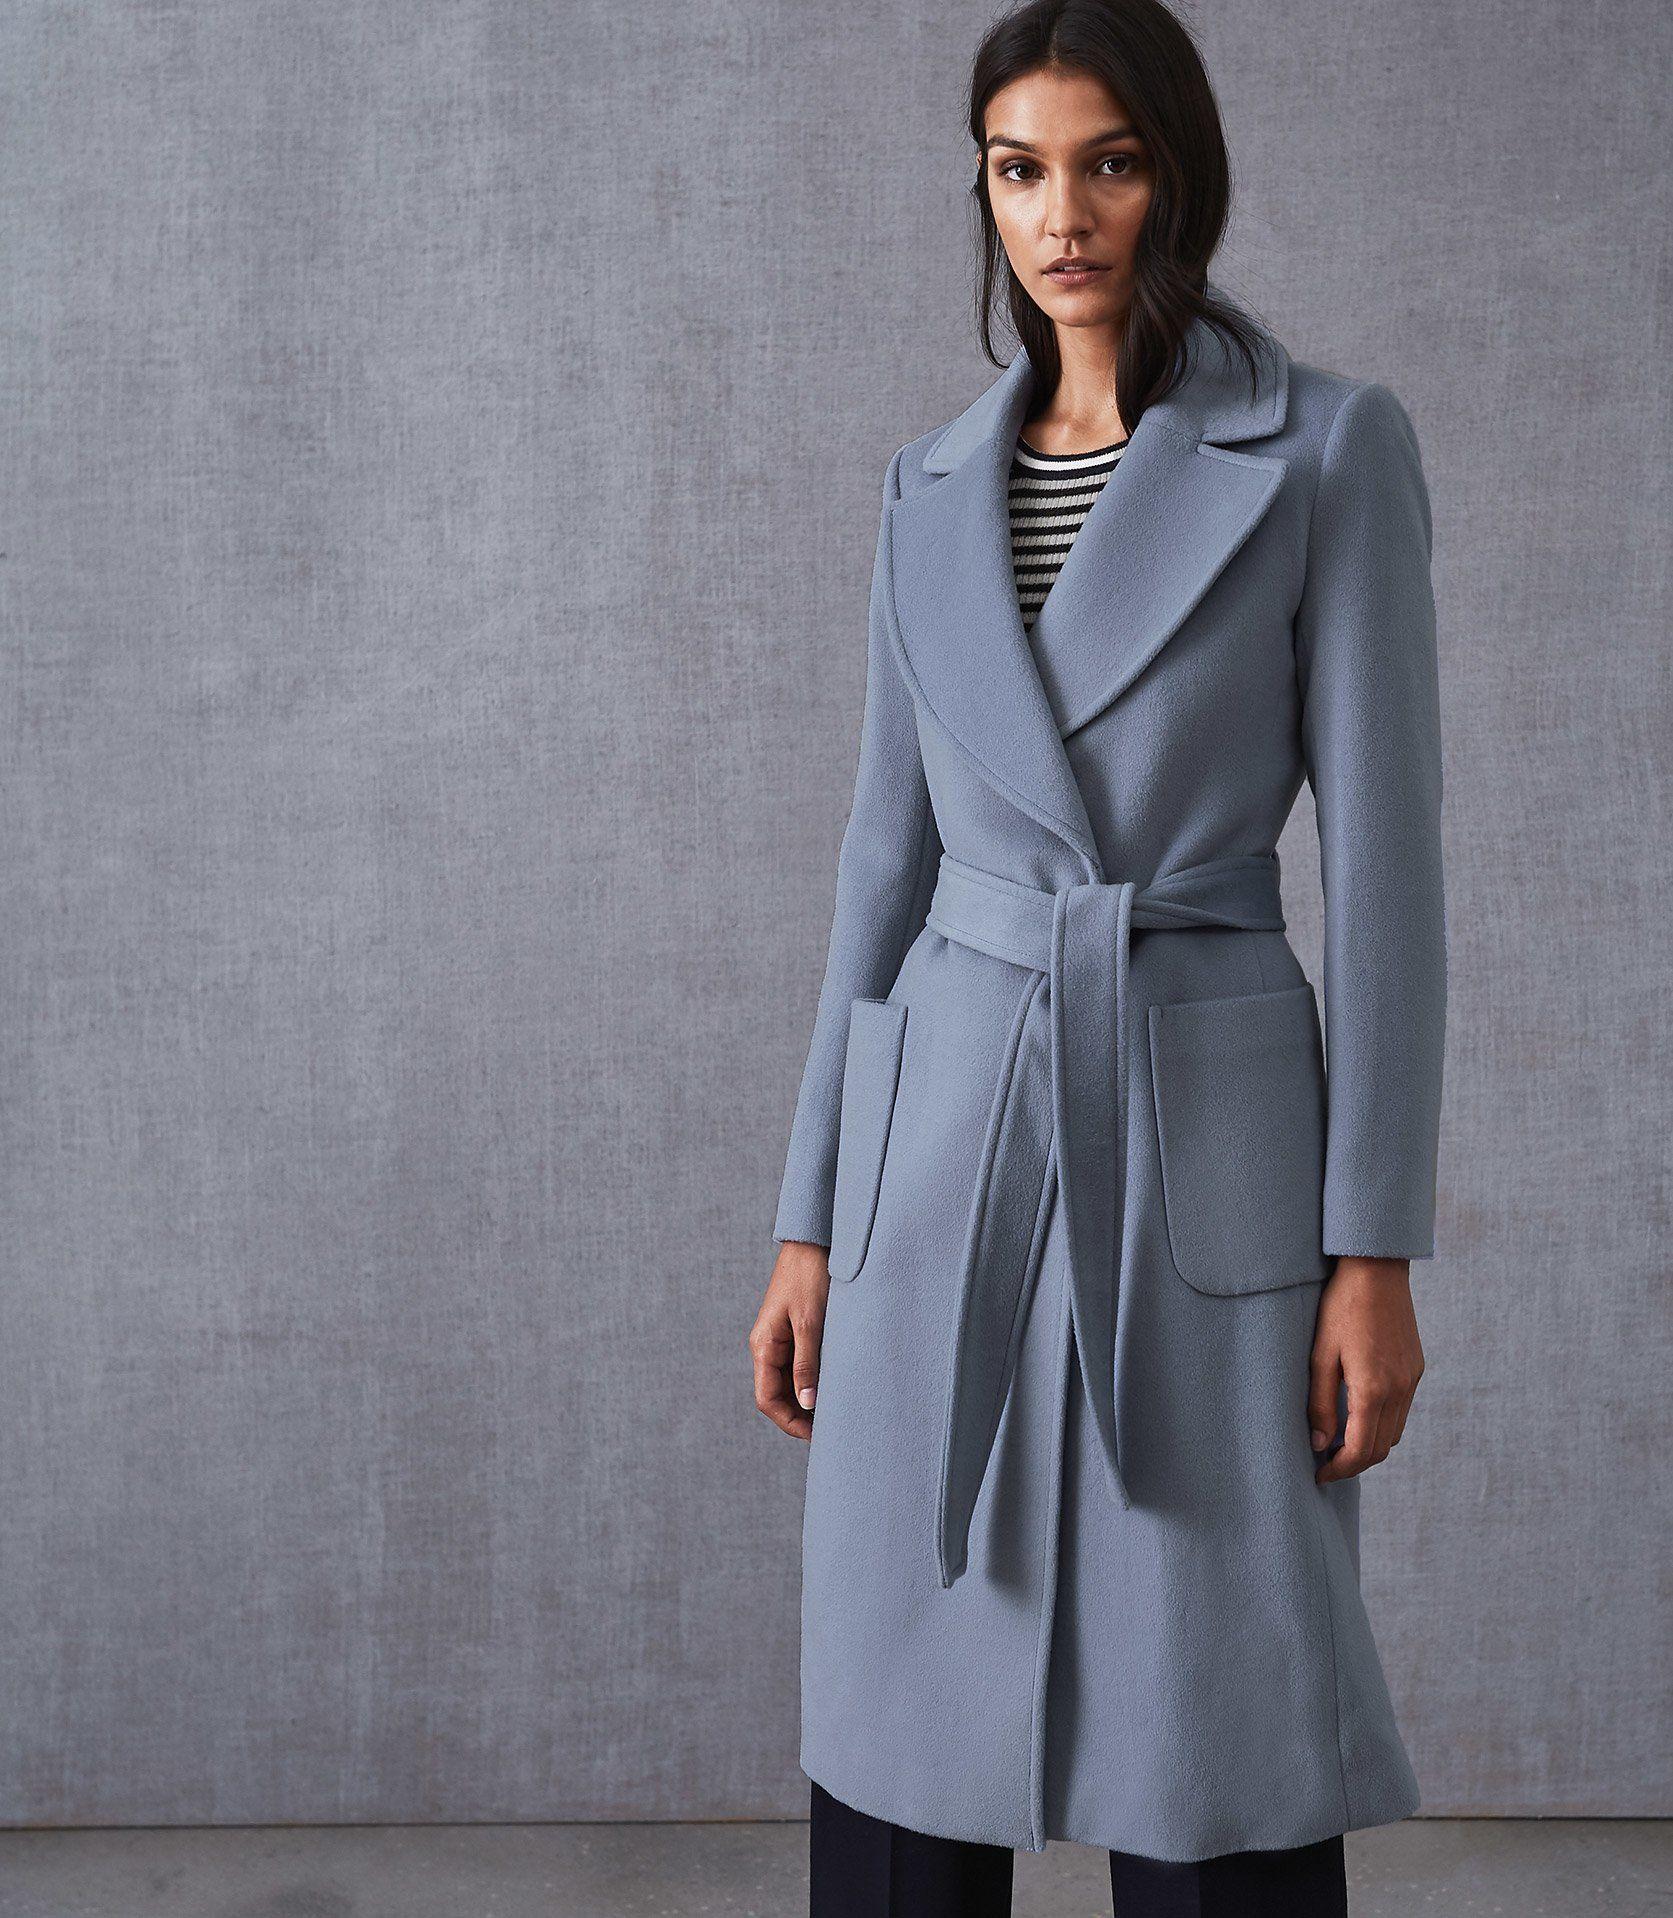 Women Jacket Open Front Trench Coat Overcoat Waterfall Cardigan Coat Tops L~5XL